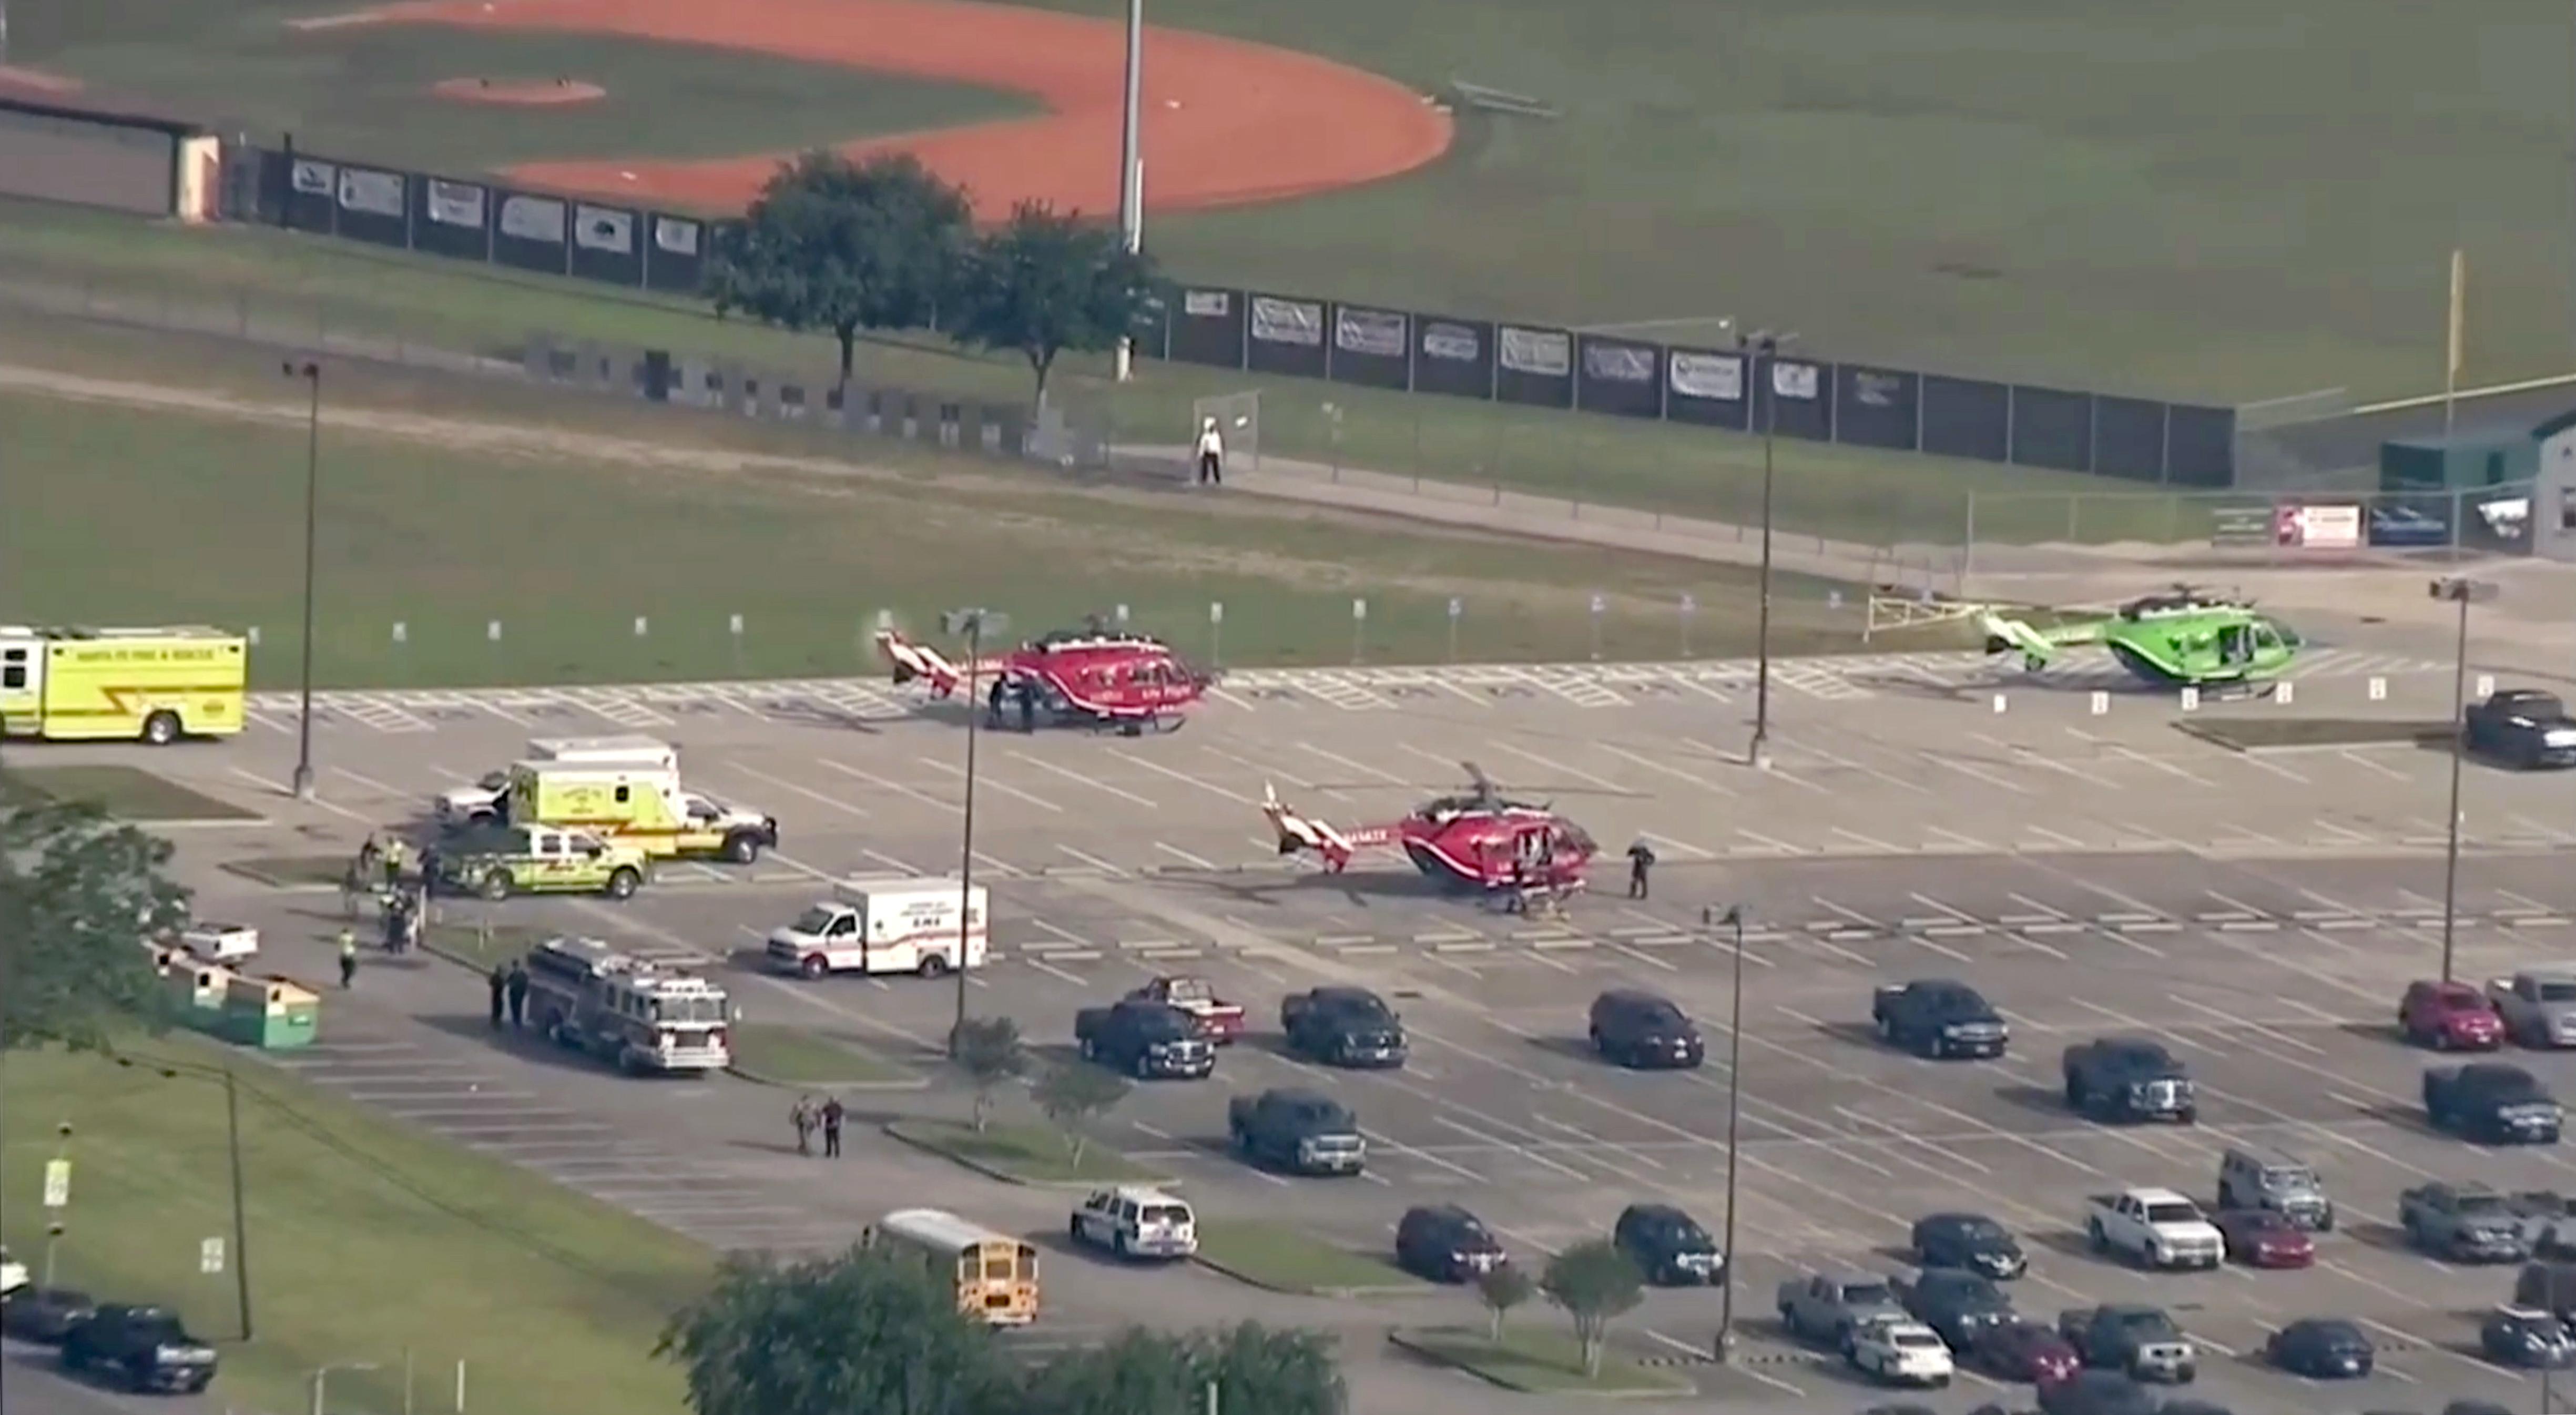 Τουλάχιστον οκτώ νεκροί από πυροβολισμούς σε σχολείο του Τέξας